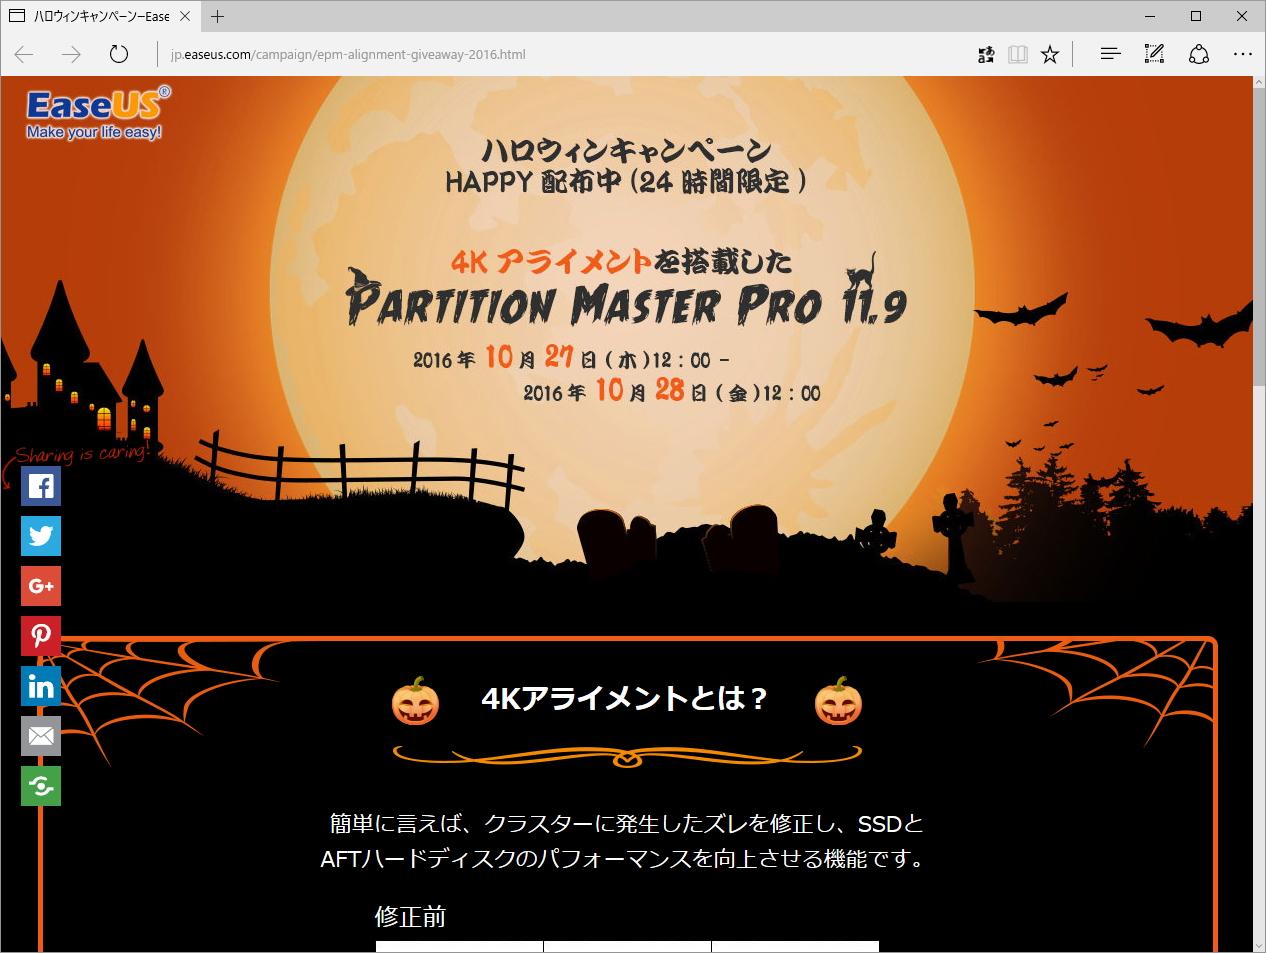 """同社の""""ハロウィンキャンペーン""""ページ"""